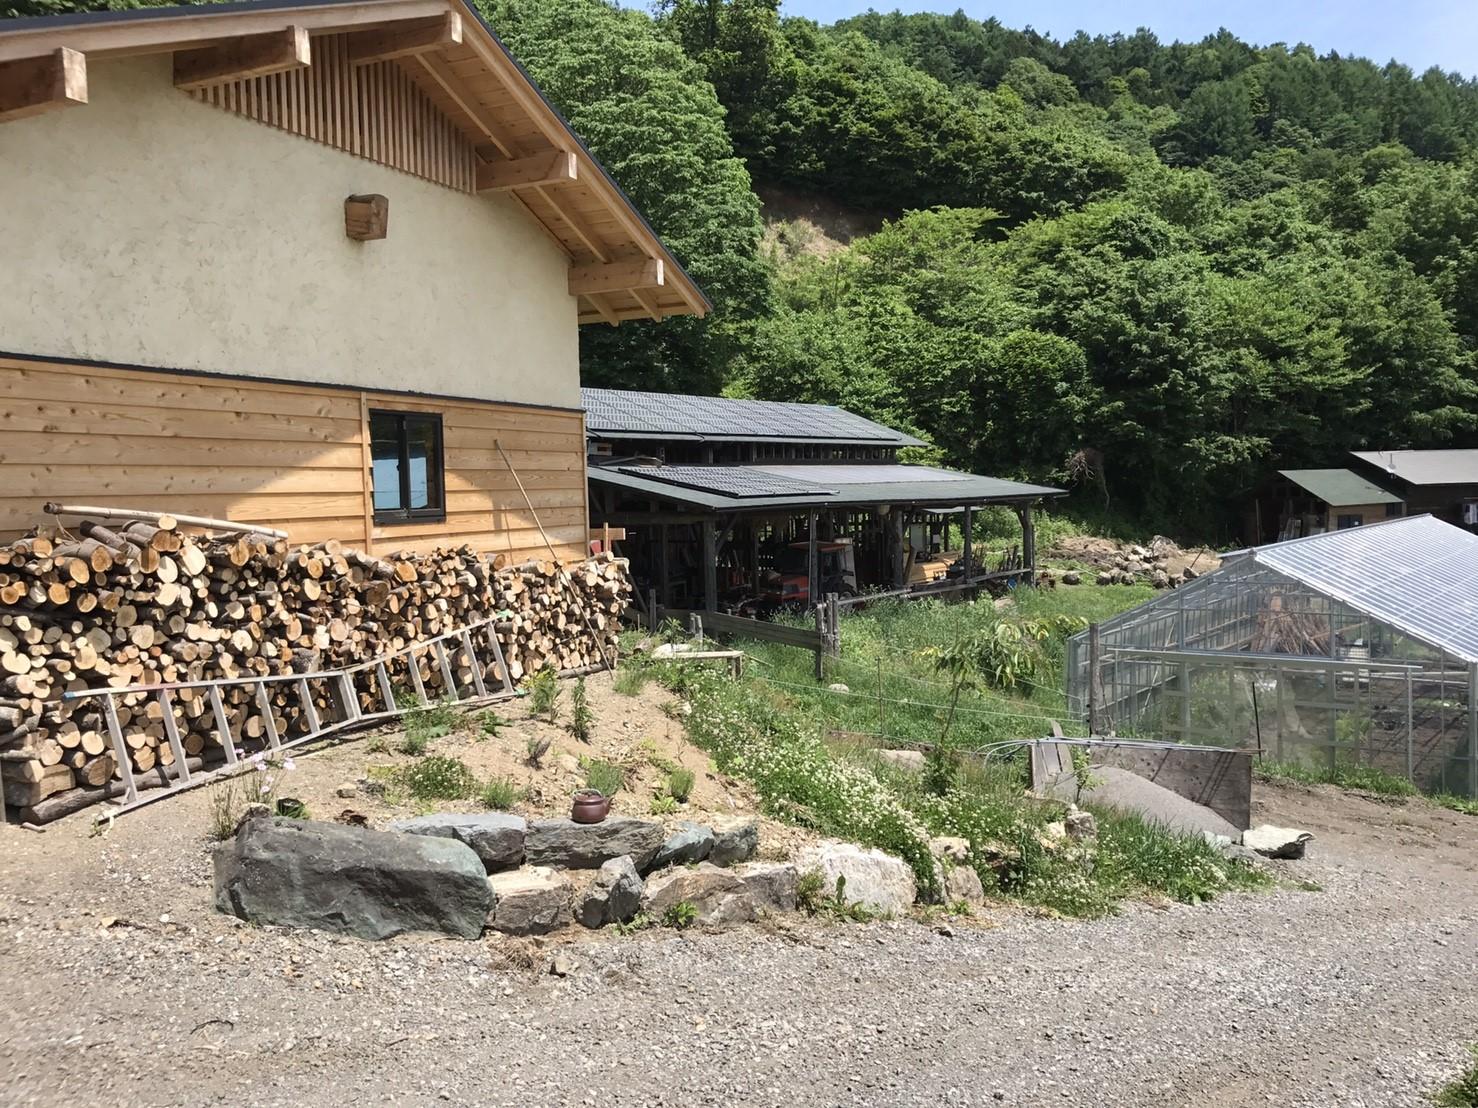 4f494a170766c8b31e45b51a6403ae4e - DASHA村の様なプロジェクト(群馬県神流町農場)